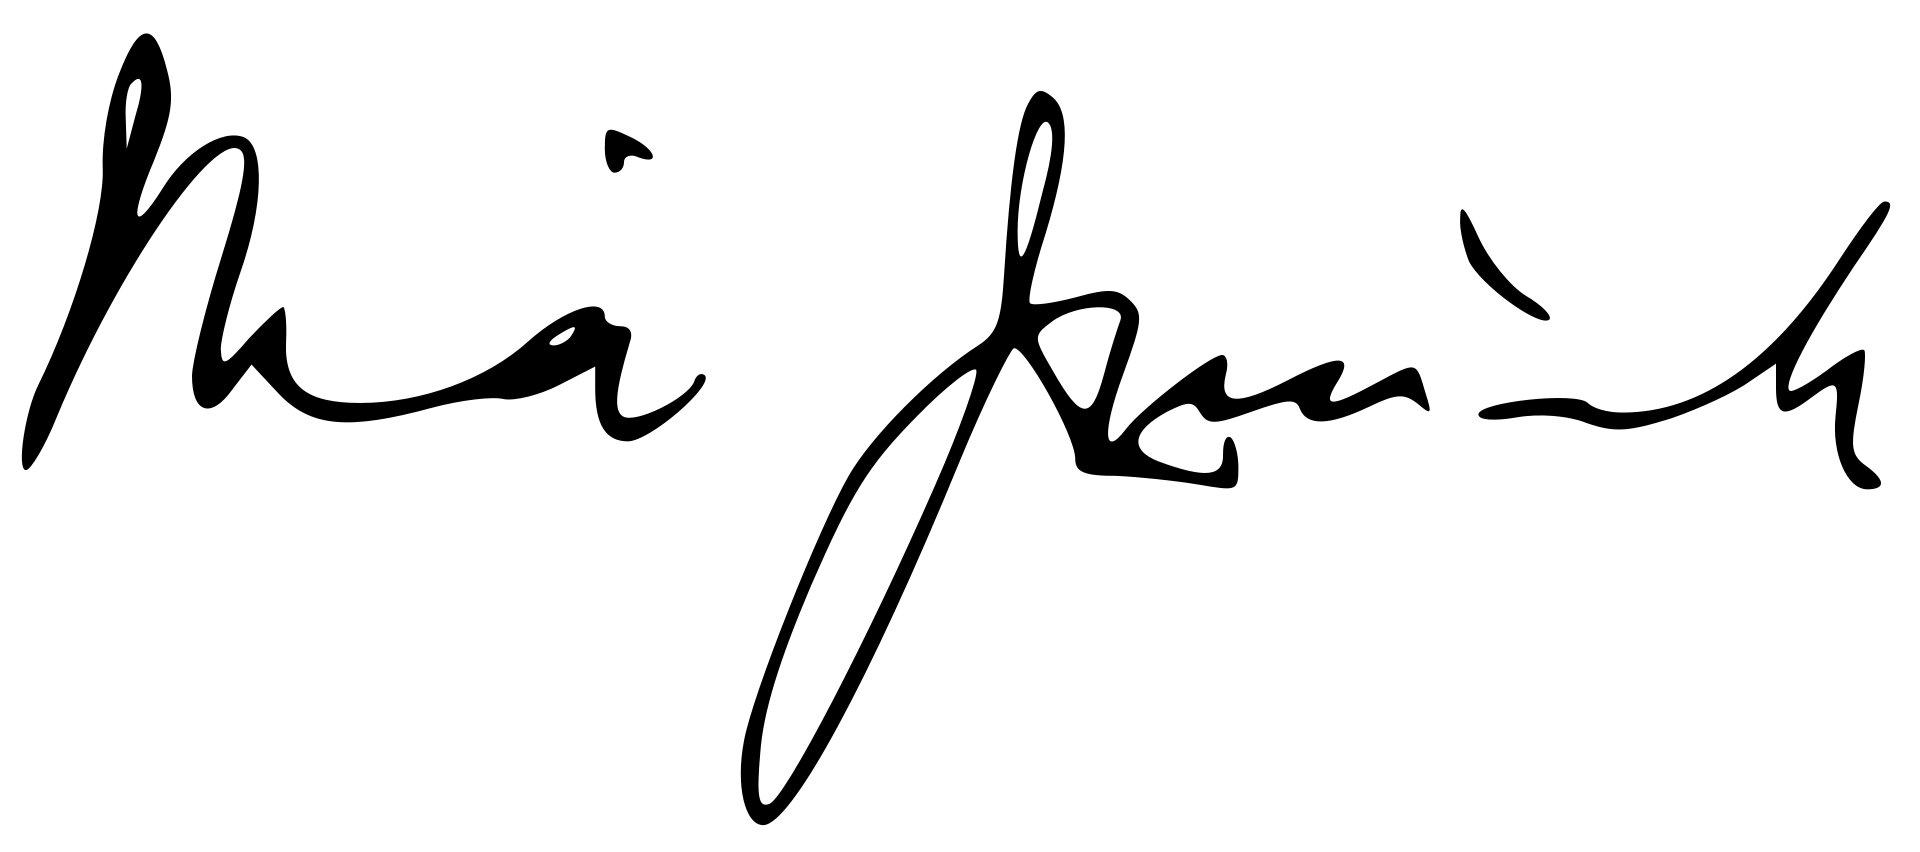 Signatures of Quaid-e-Azam Muhammad Ali Jinnah Quaid-e-Azam Muhammad Ali Jinnah,signature,autograph,leadership,handwriting